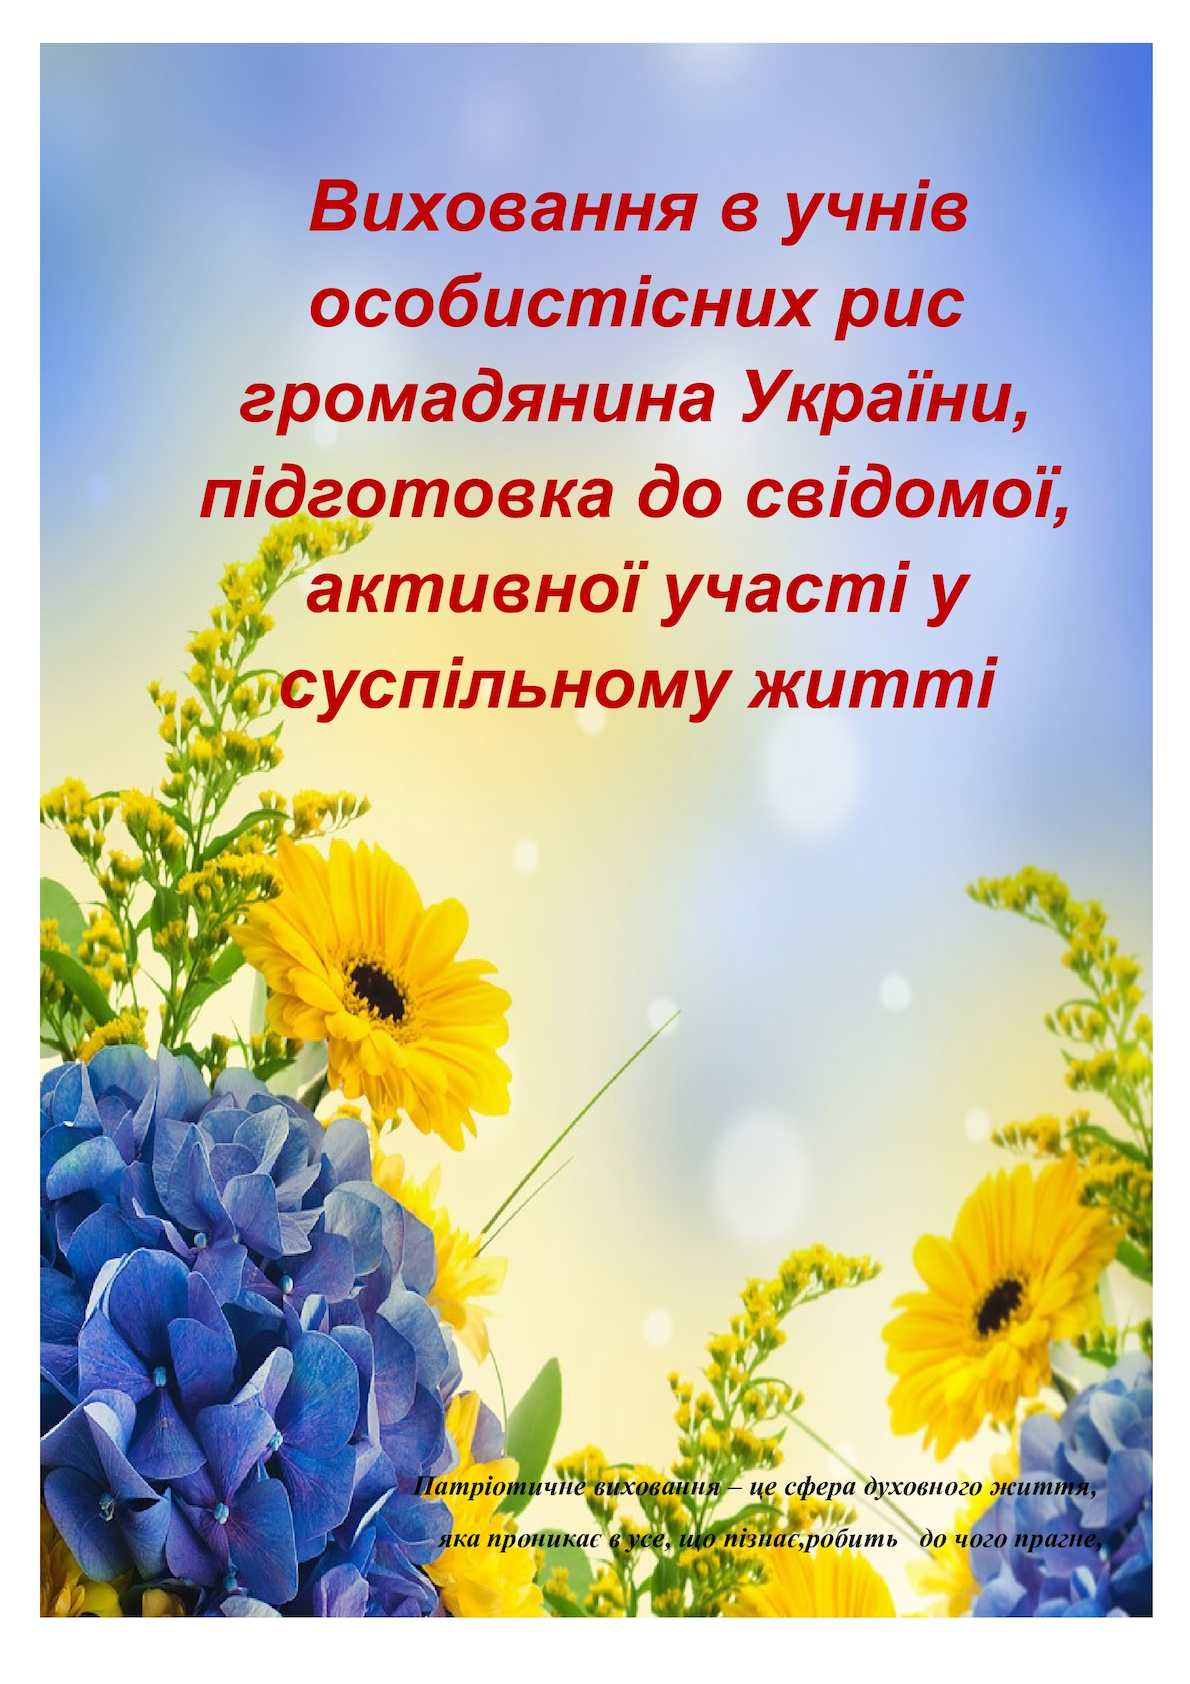 Виховання в учнів особистісних рис громадянина України